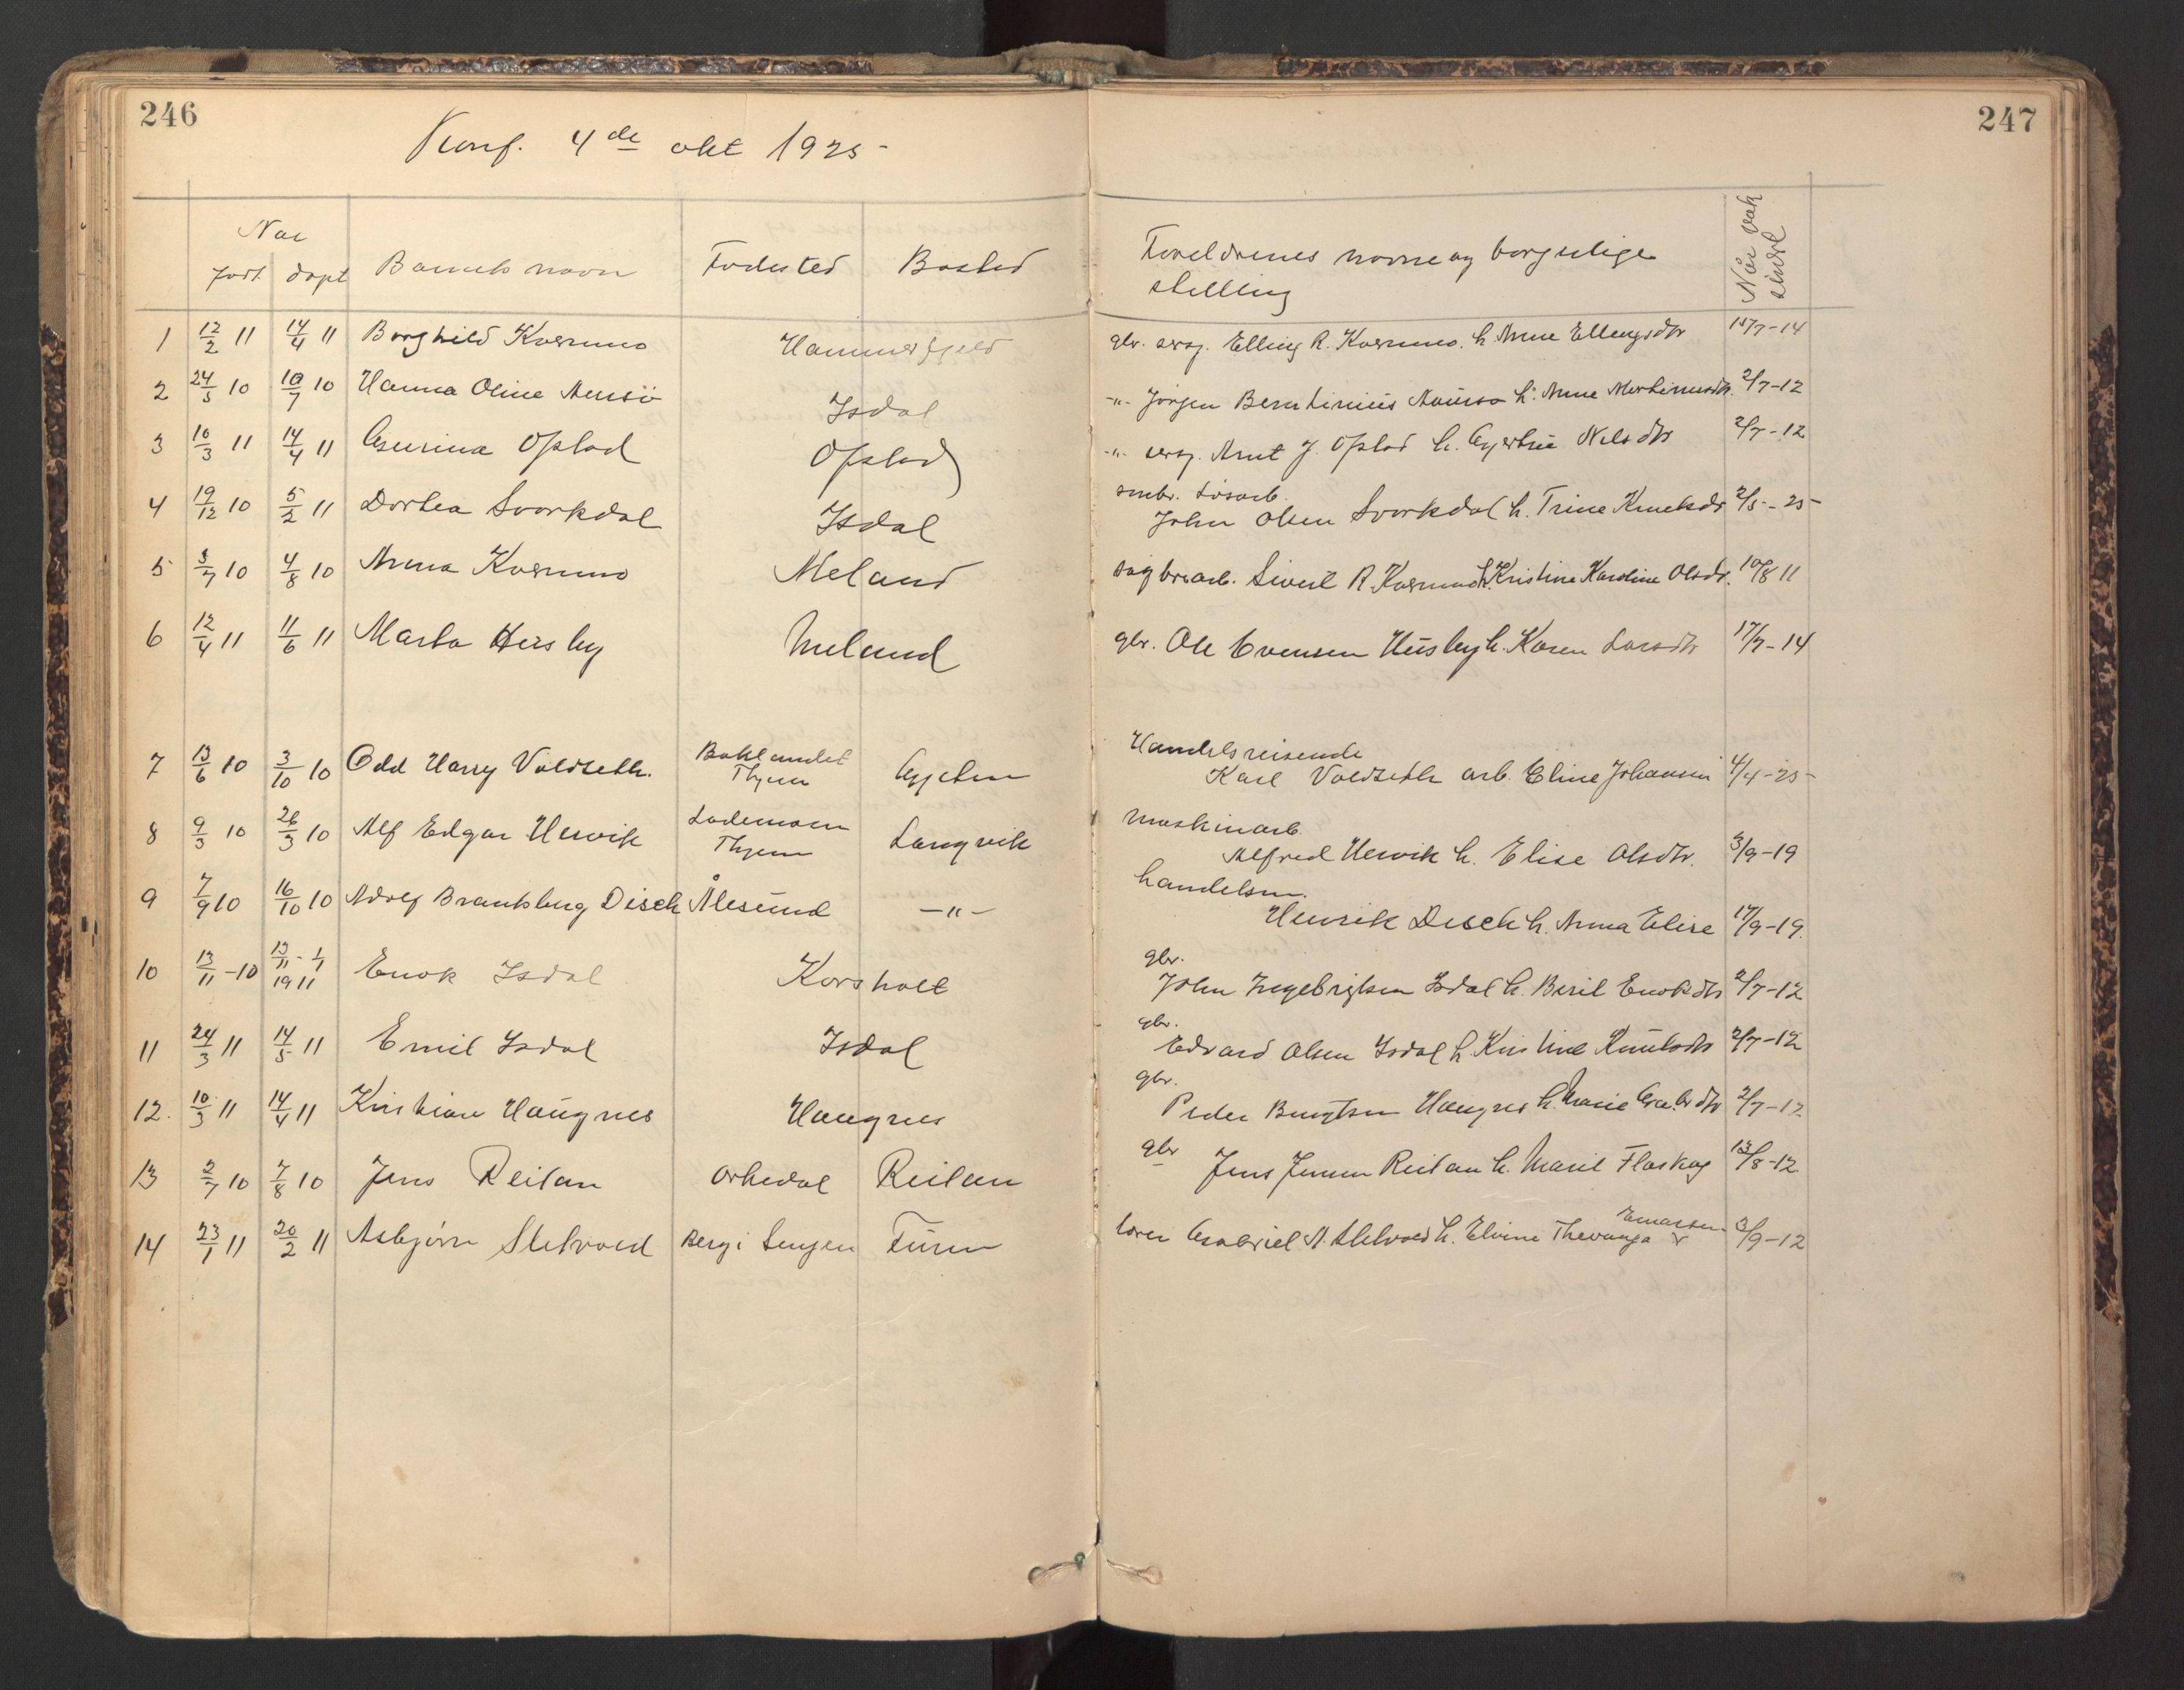 SAT, Ministerialprotokoller, klokkerbøker og fødselsregistre - Sør-Trøndelag, 670/L0837: Klokkerbok nr. 670C01, 1905-1946, s. 246-247